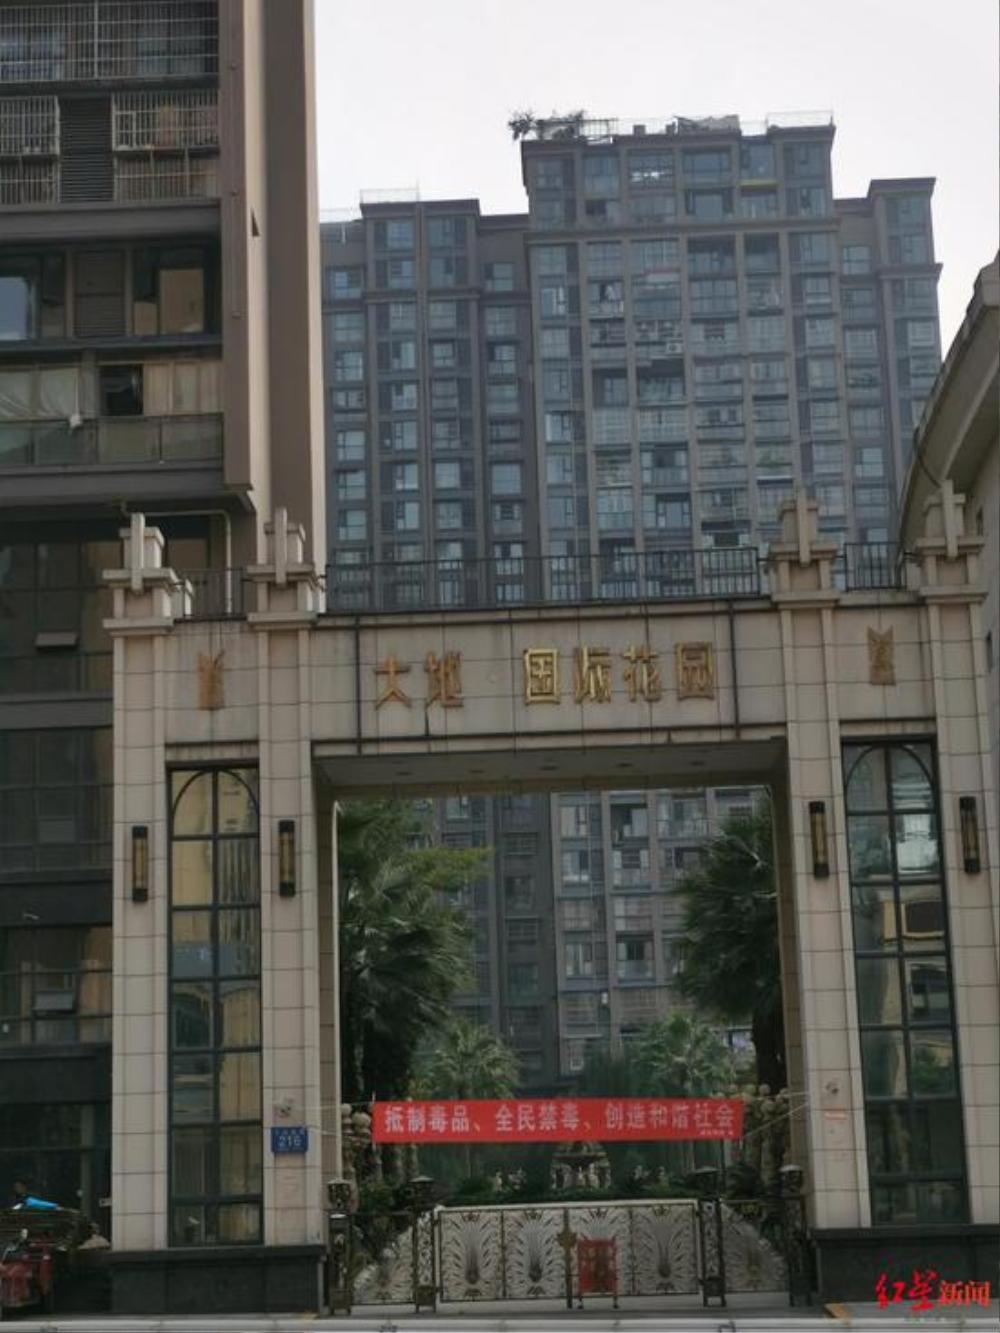 Cha của Châu Chấn Nam lên tiếng về khoản nợ nghìn tỷ, hứa trả hết trong vòng 1 năm Ảnh 3